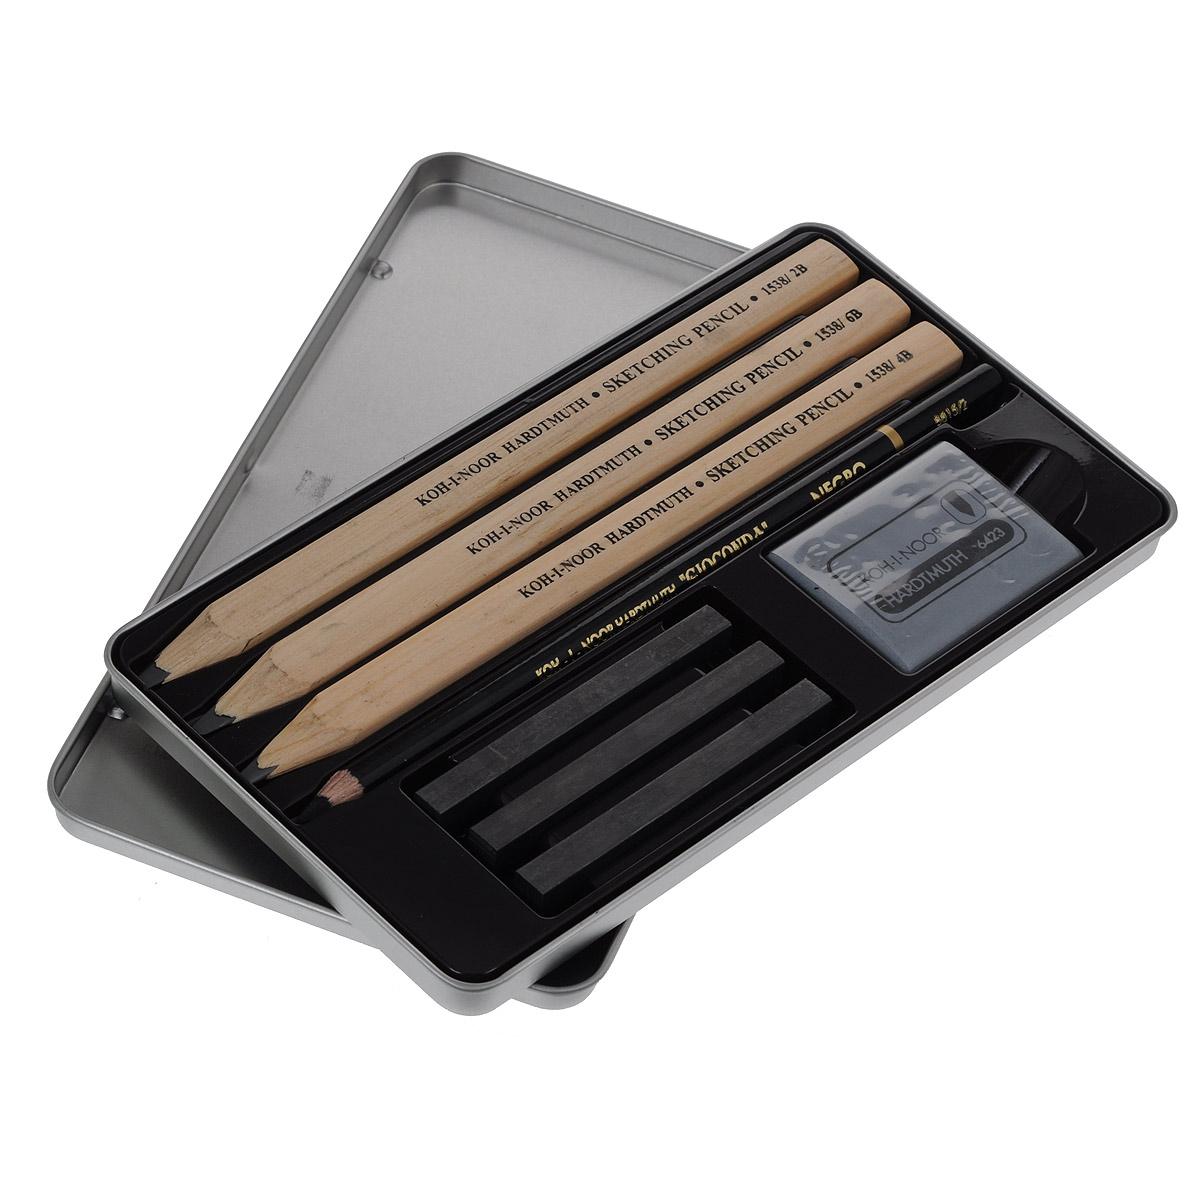 Набор для черчения Koh-i-Noor Gioconda, 8 предметов8892Профессиональный набор для черчения Koh-i-Noor Gioconda состоит из 3 трехгранных чернографитных карандашей (2В, 4В, 6В), угольного карандаша Gioconda Negro, 3 графитовых стержней без дерева (2В, 4В, 6В), и ластика. Графитовый стержень имеет высокую степень прочности, легко затачивается любой точилкой. Предметы набора располагаются в металлическом пенале с откидной крышкой. Набор предназначен для профессионального художественного творчества.